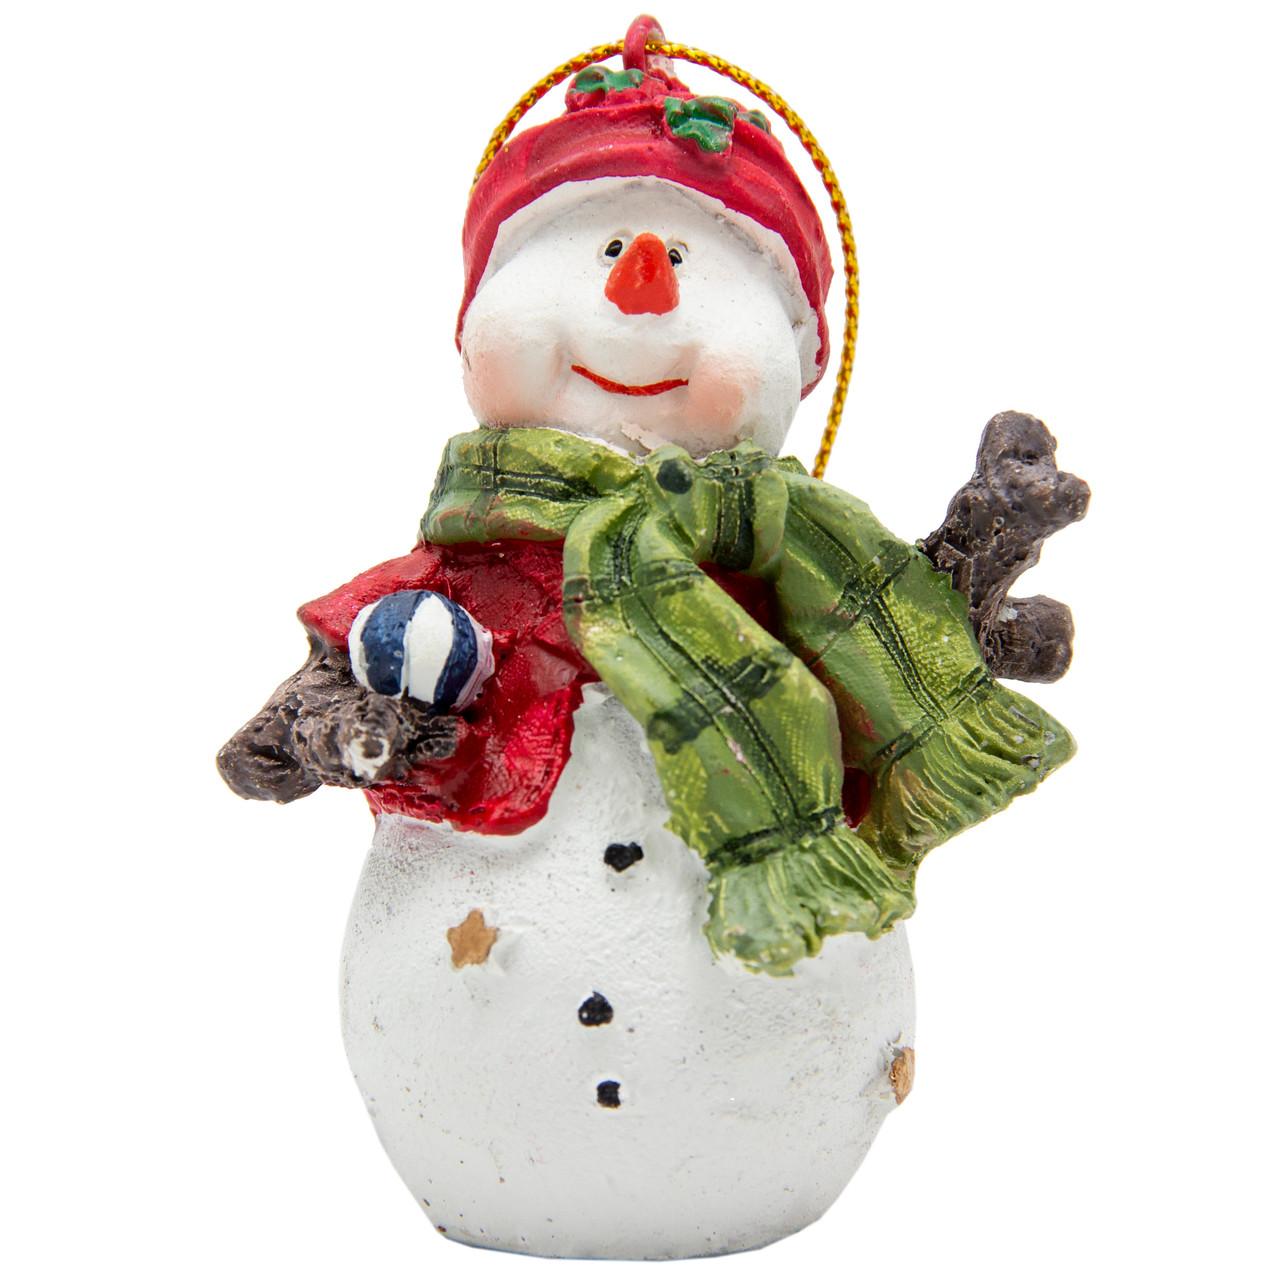 Фигурка сувенирная из полистоуна, h-7 см, Снеговик с зеленим шарфом (000333-9)